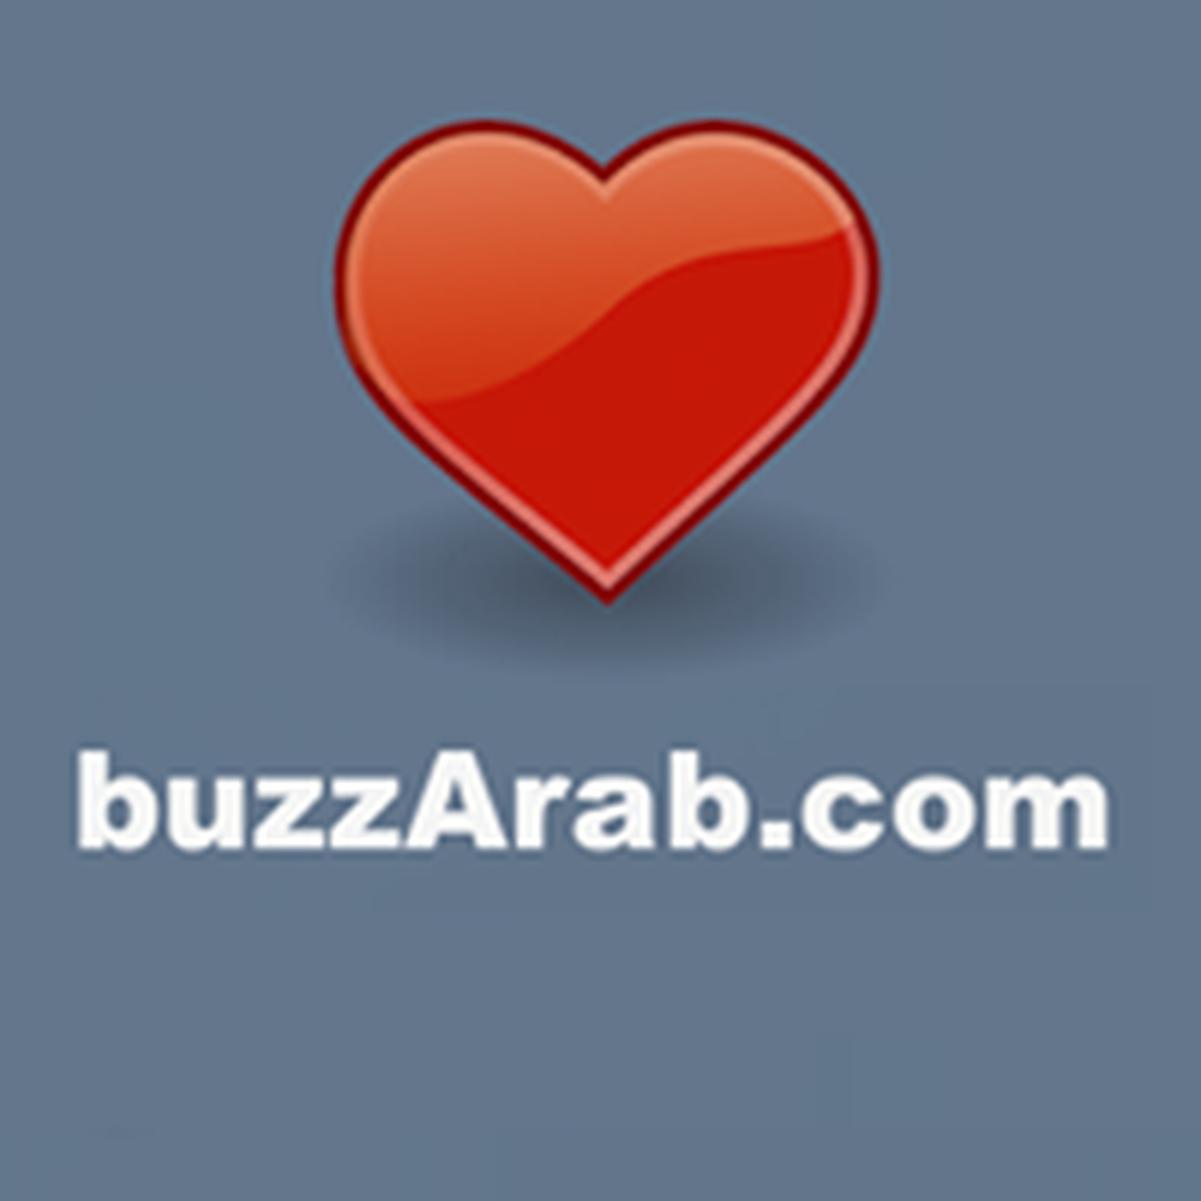 buzzarab com موقع زواج عربي مجاني